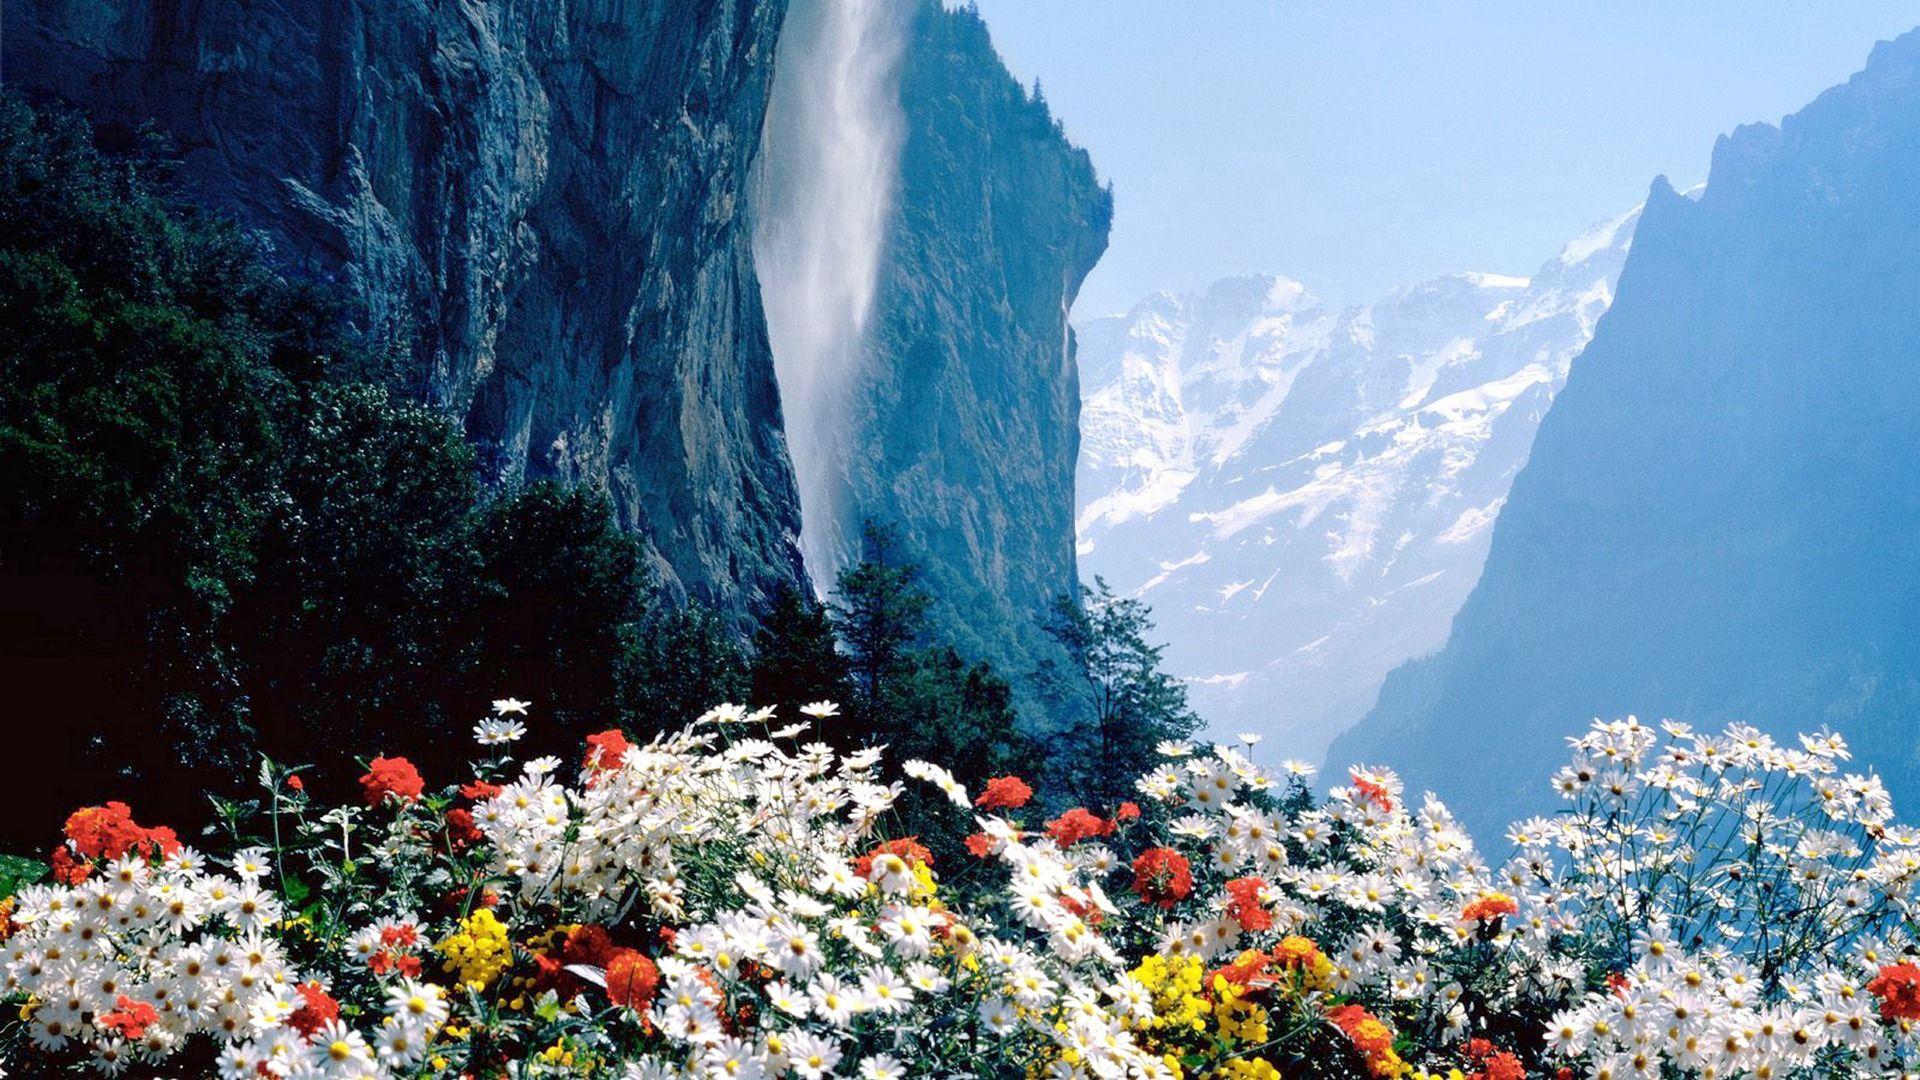 94469 télécharger le fond d'écran Nature, Se Rompre, Précipice, Montagnes, Fleurs - économiseurs d'écran et images gratuitement